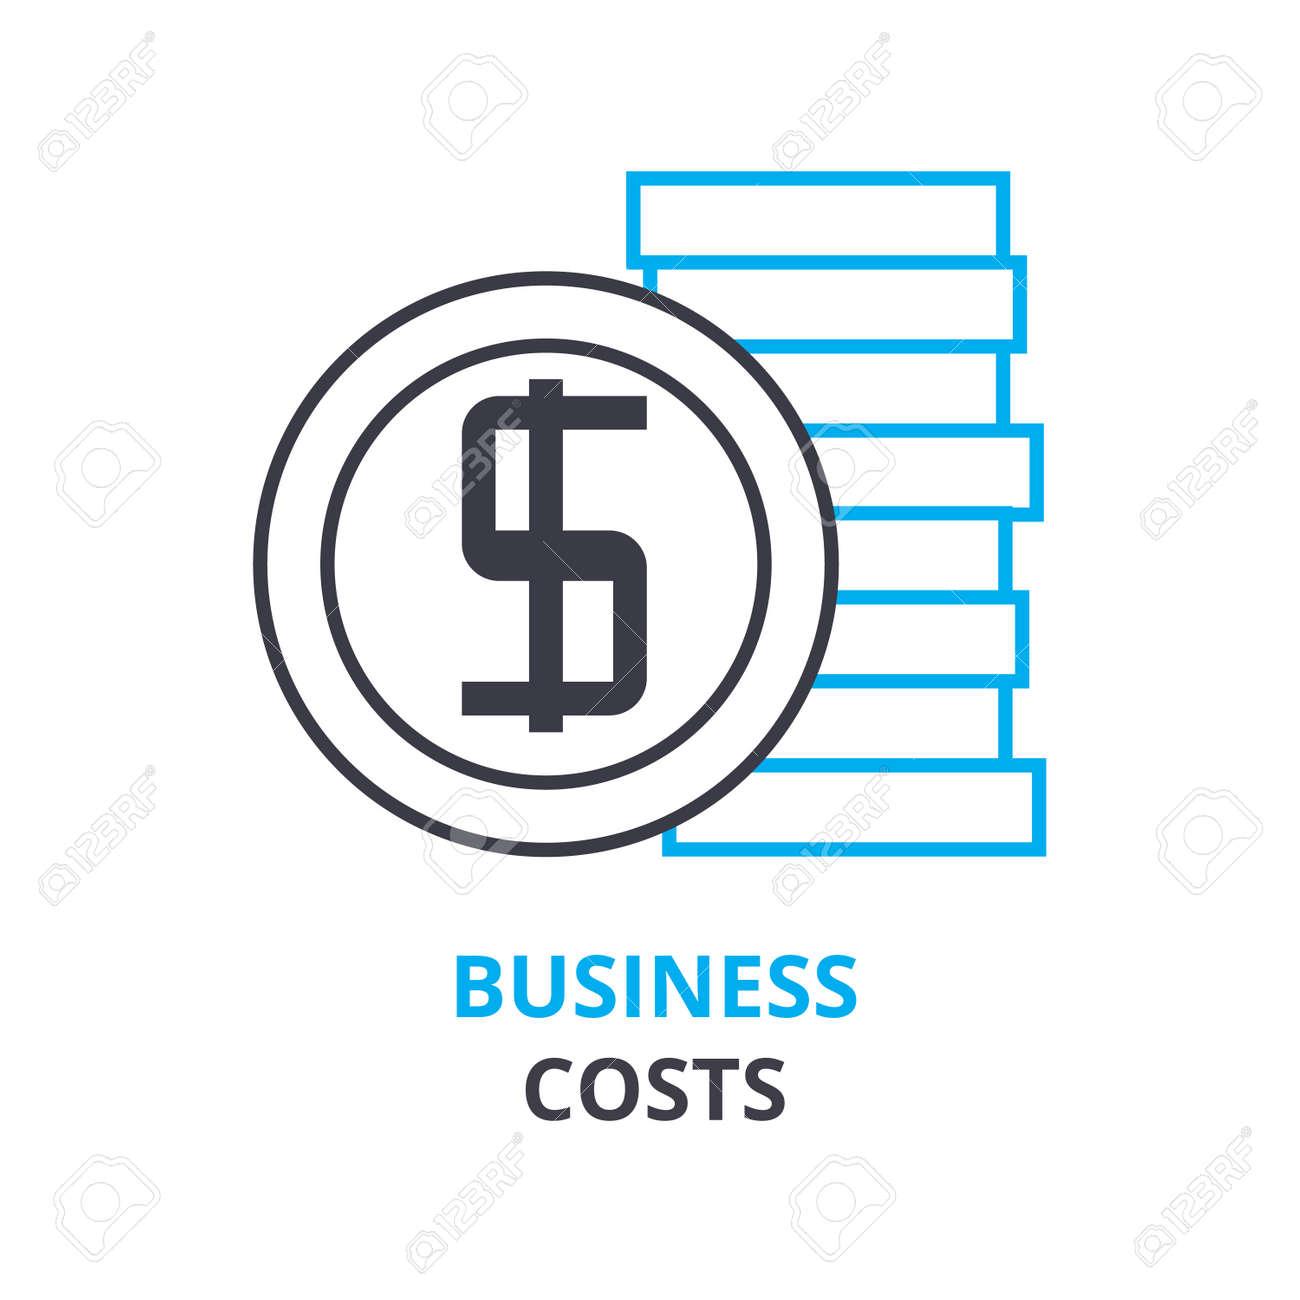 Fantastisch Monatliche Geschäftskosten Vorlage Ideen - Entry Level ...